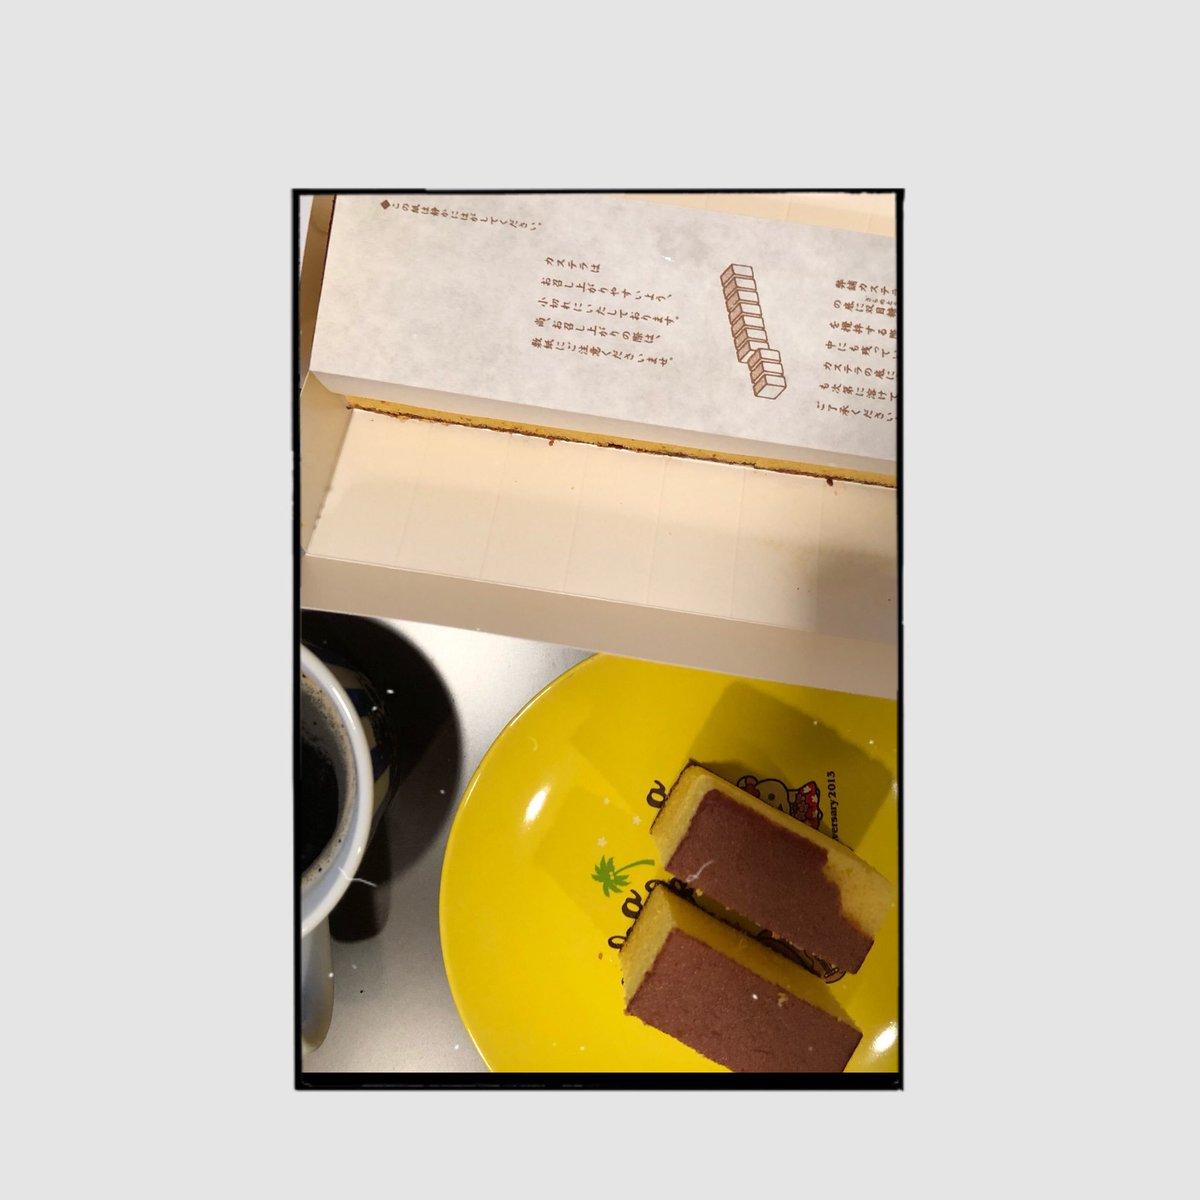 test ツイッターメディア - おやつ🍬🍭🍩 食べながら、お盆の日記と写真いじる  🔸福砂屋のカステラ 🔸信玄餅 https://t.co/gr1sX8ylIF